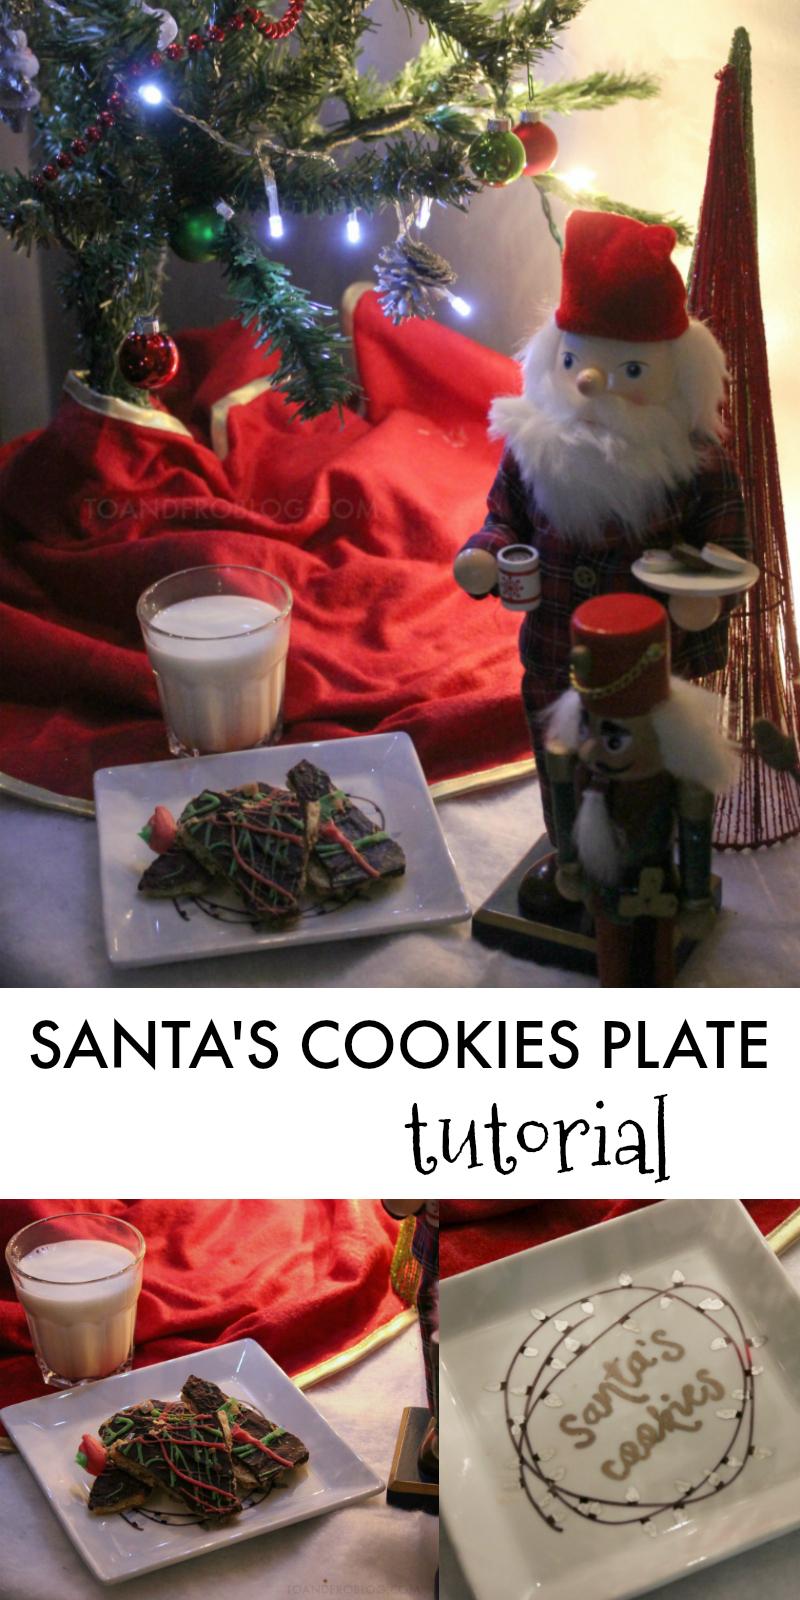 Santa's Cookies Plate Tutorial